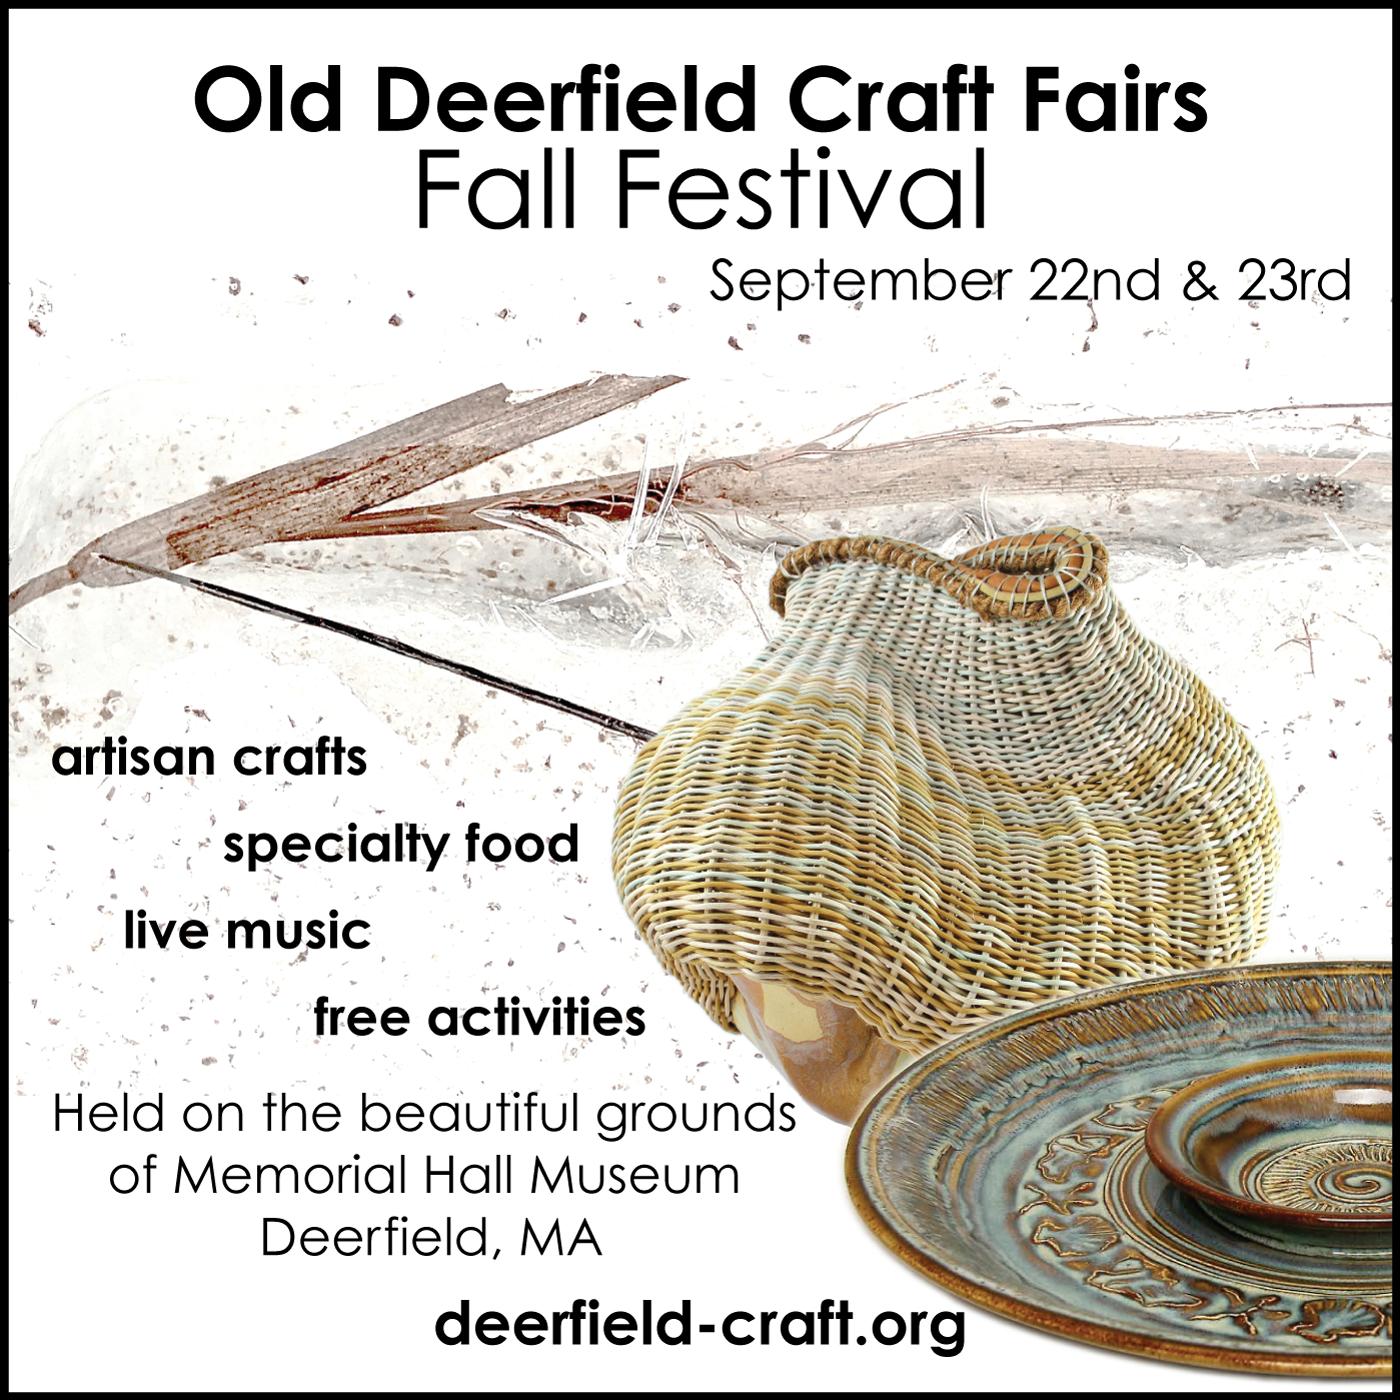 Deerfield Craft Fair Fall